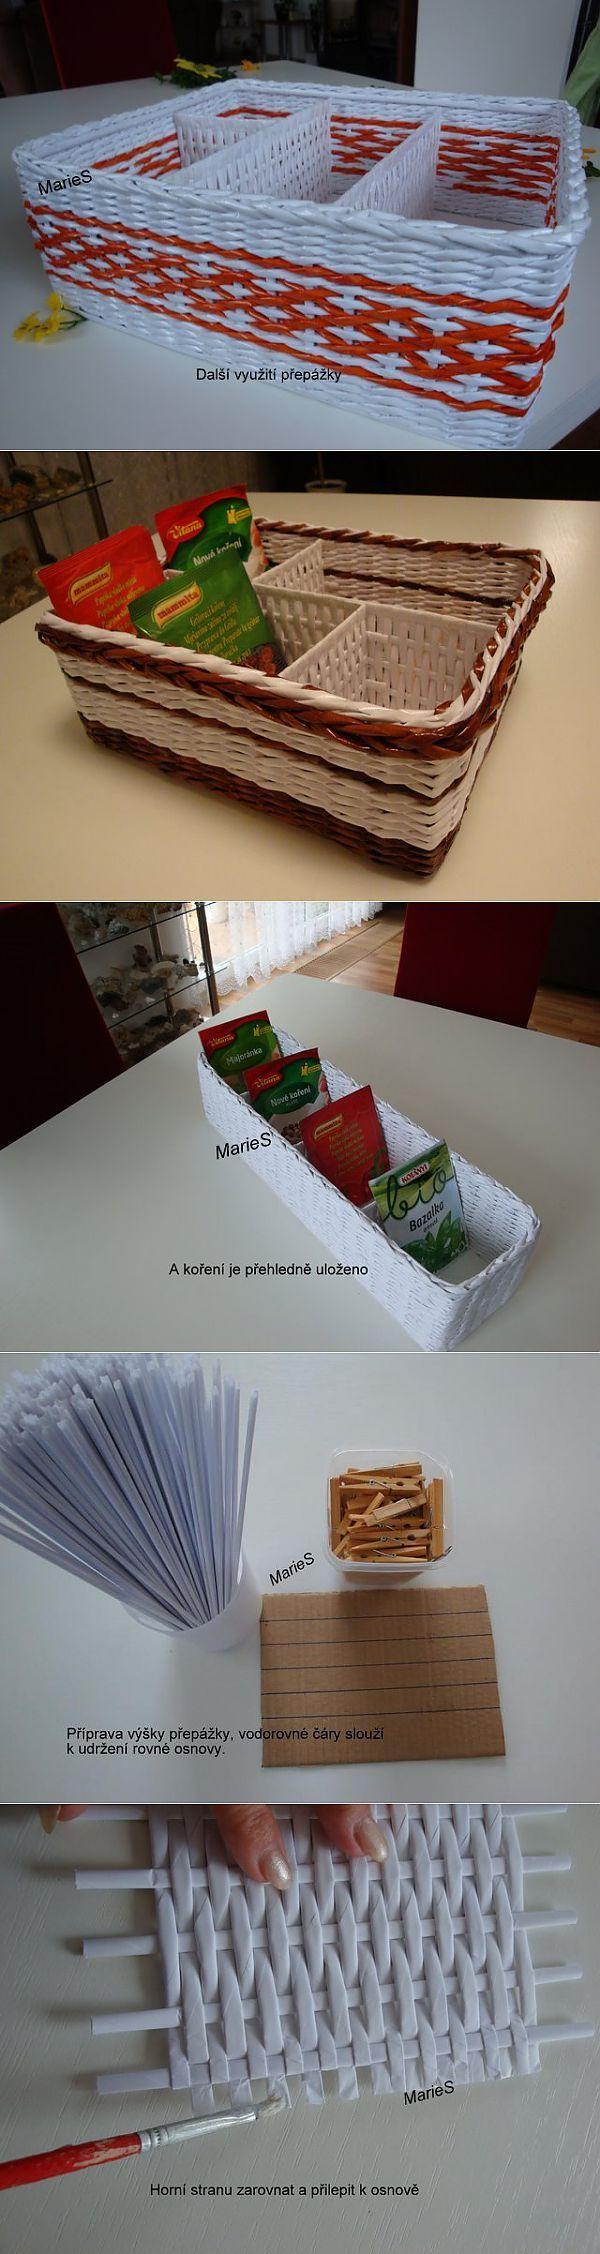 Как сделать коробочку с перегородками: плетение из бумажных трубочек. http://s30893898787.mirtesen.ru/blog/43167004702/Kak-sdelat-korobochku-s-peregorodkami:-pletenie-iz-bumazhnyih-tr